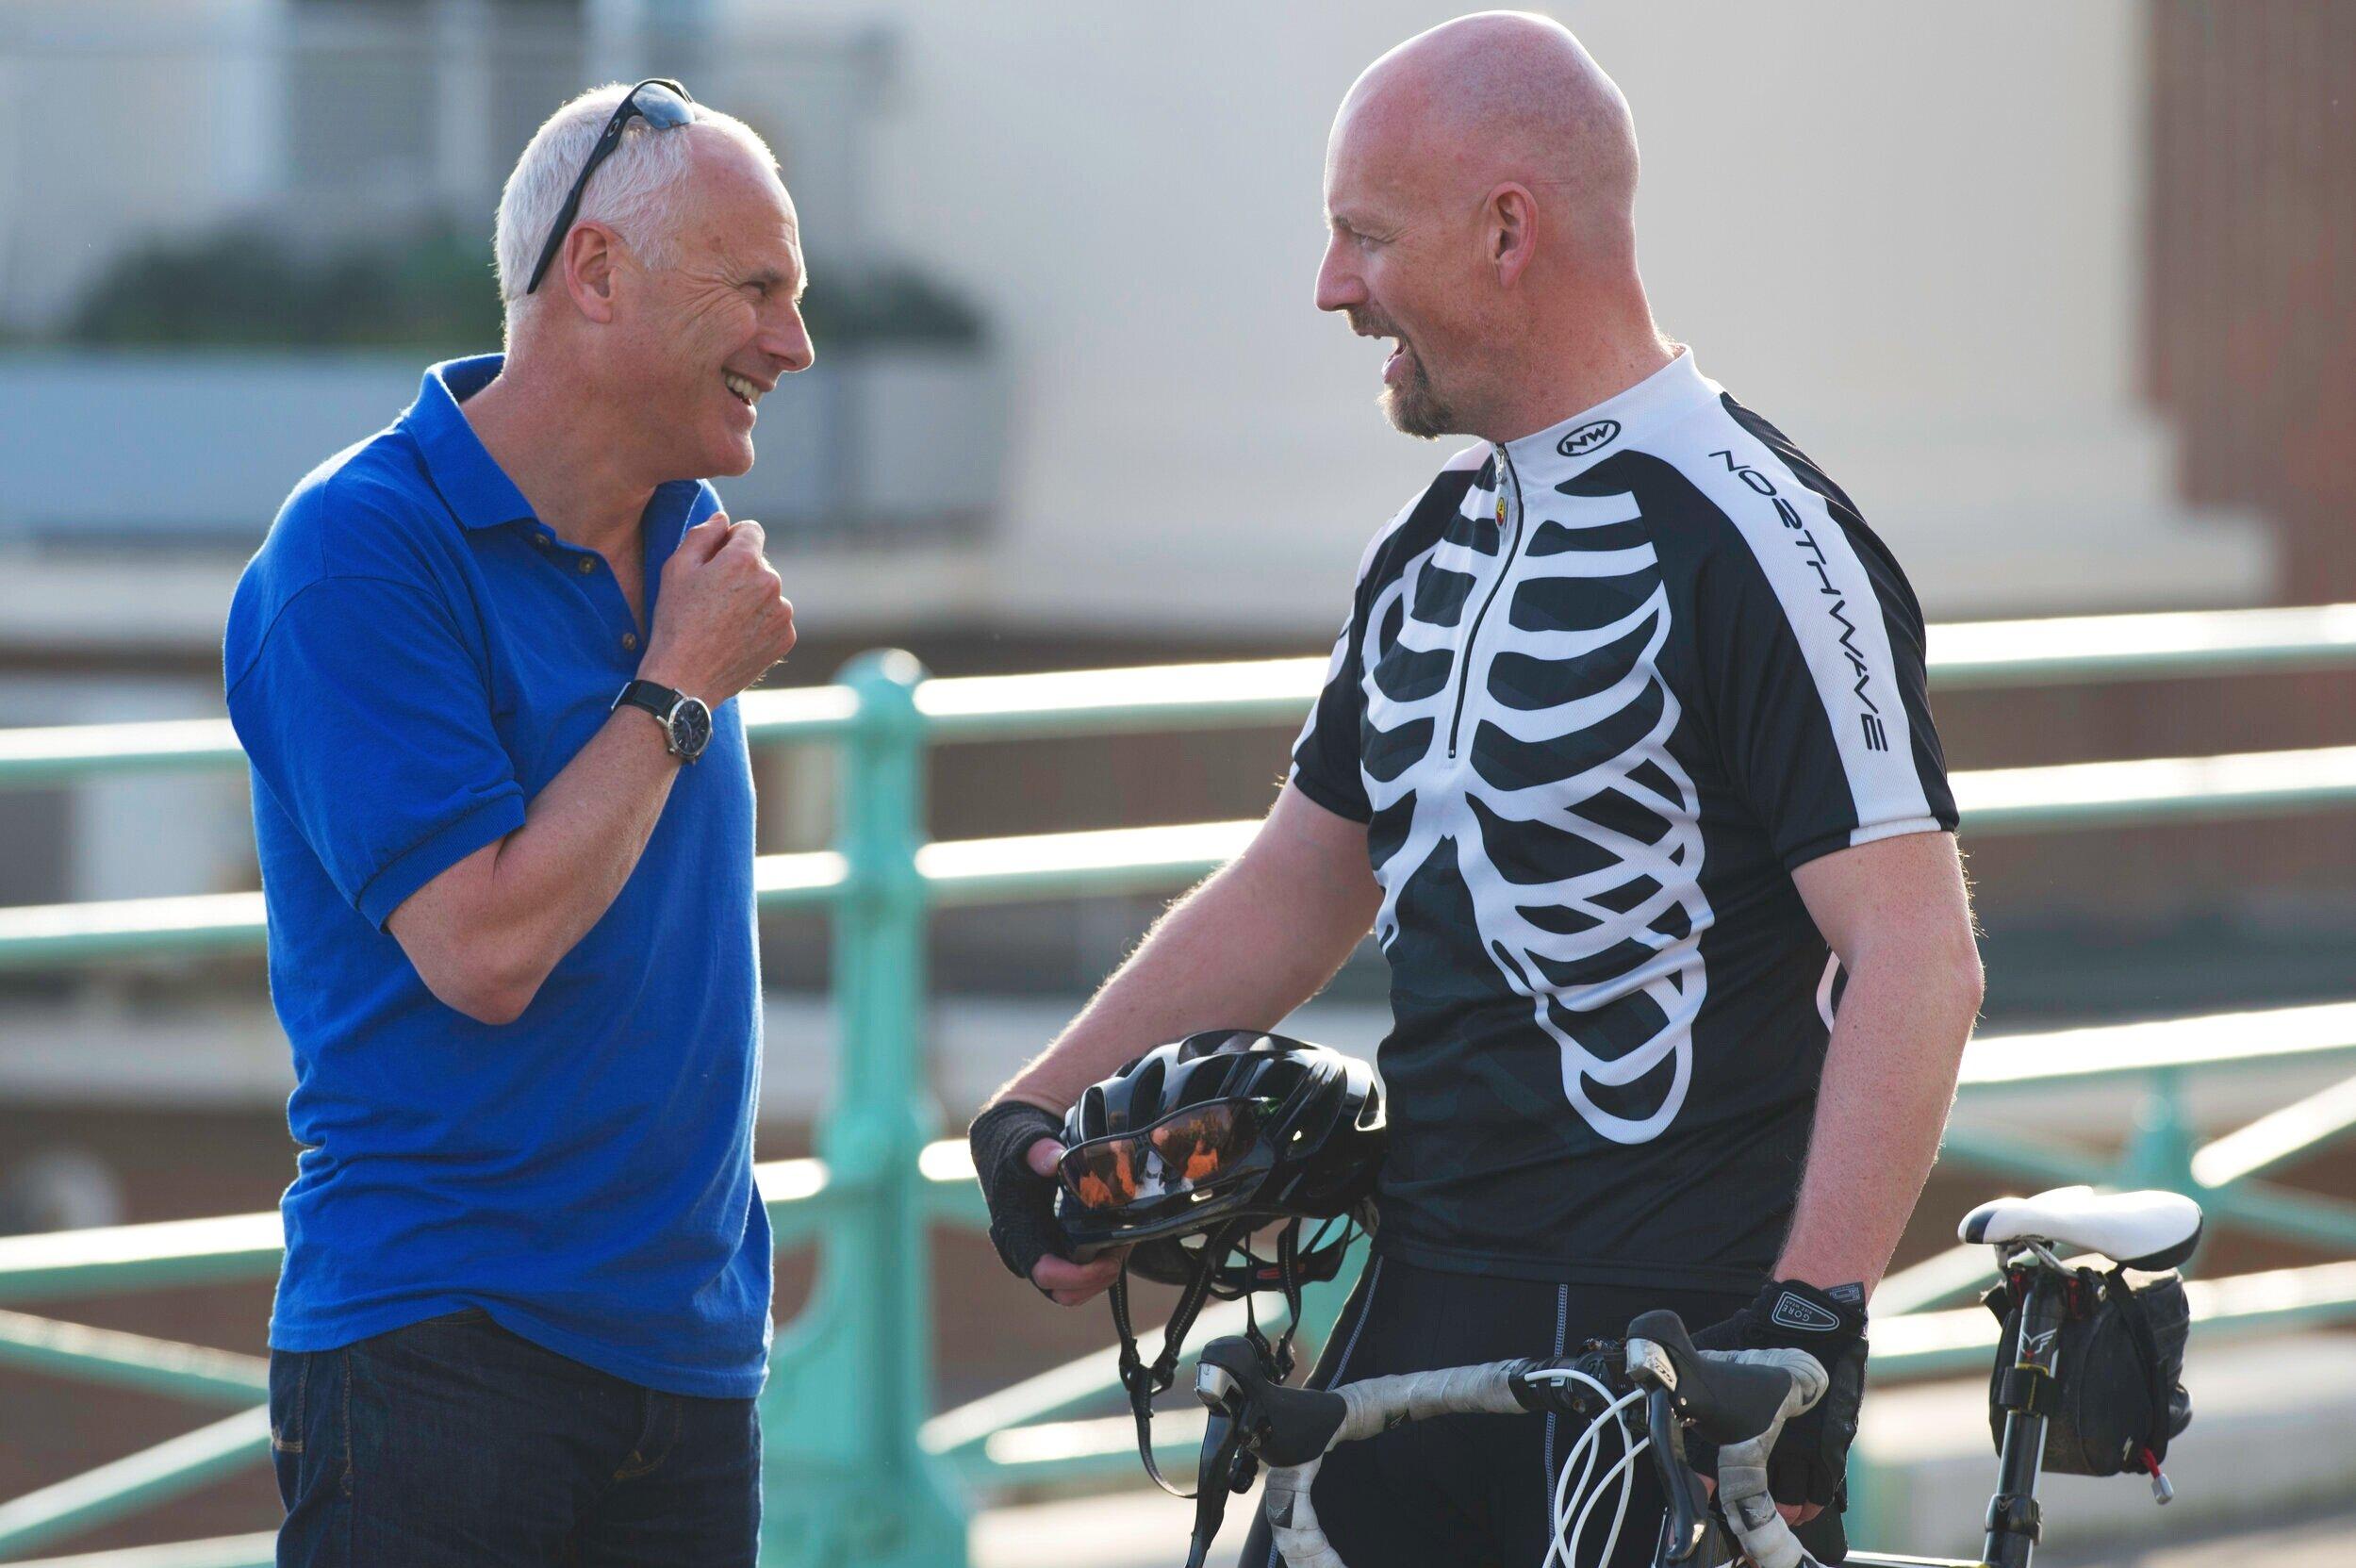 Triathlon Coaching Brighton Mike Porteous.jpg